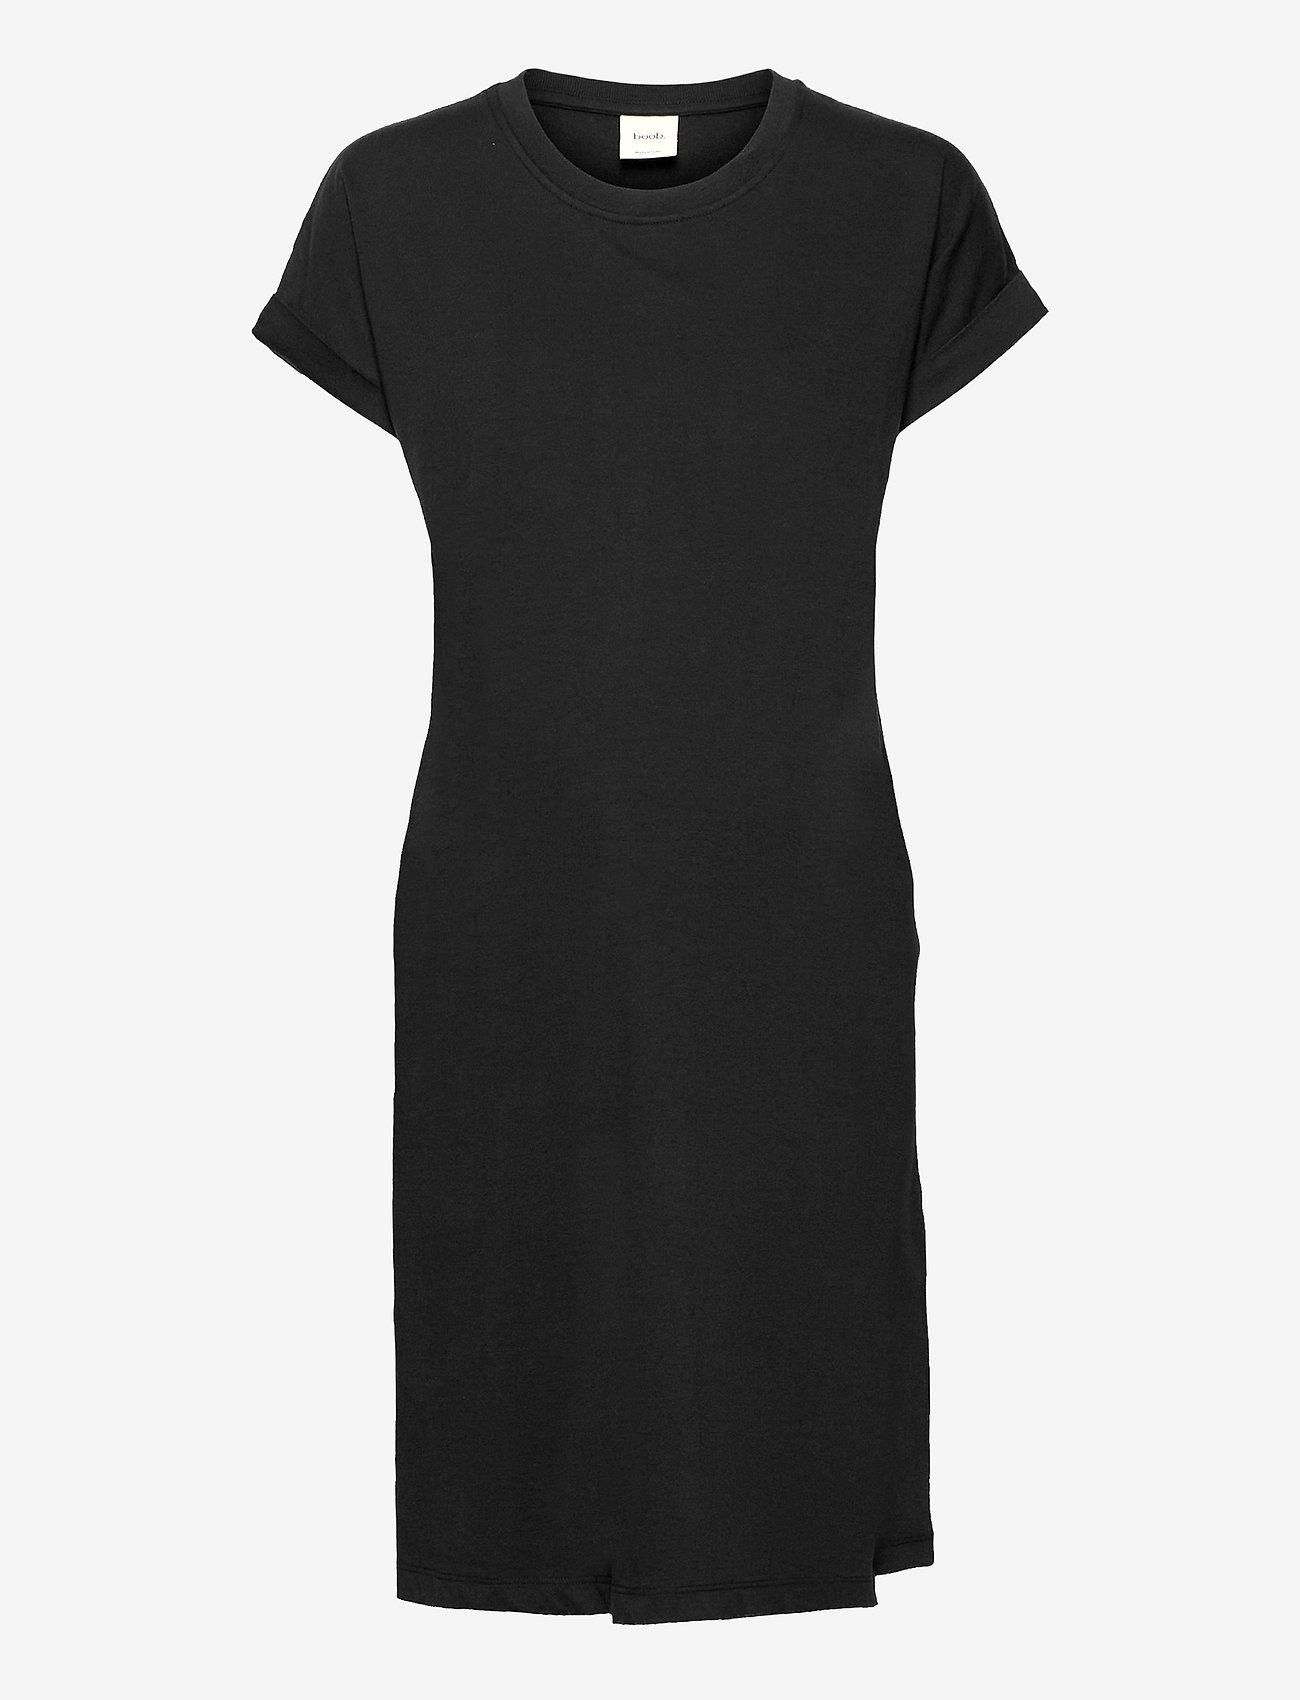 Boob - The-shirt dress - sommerkjoler - black - 0